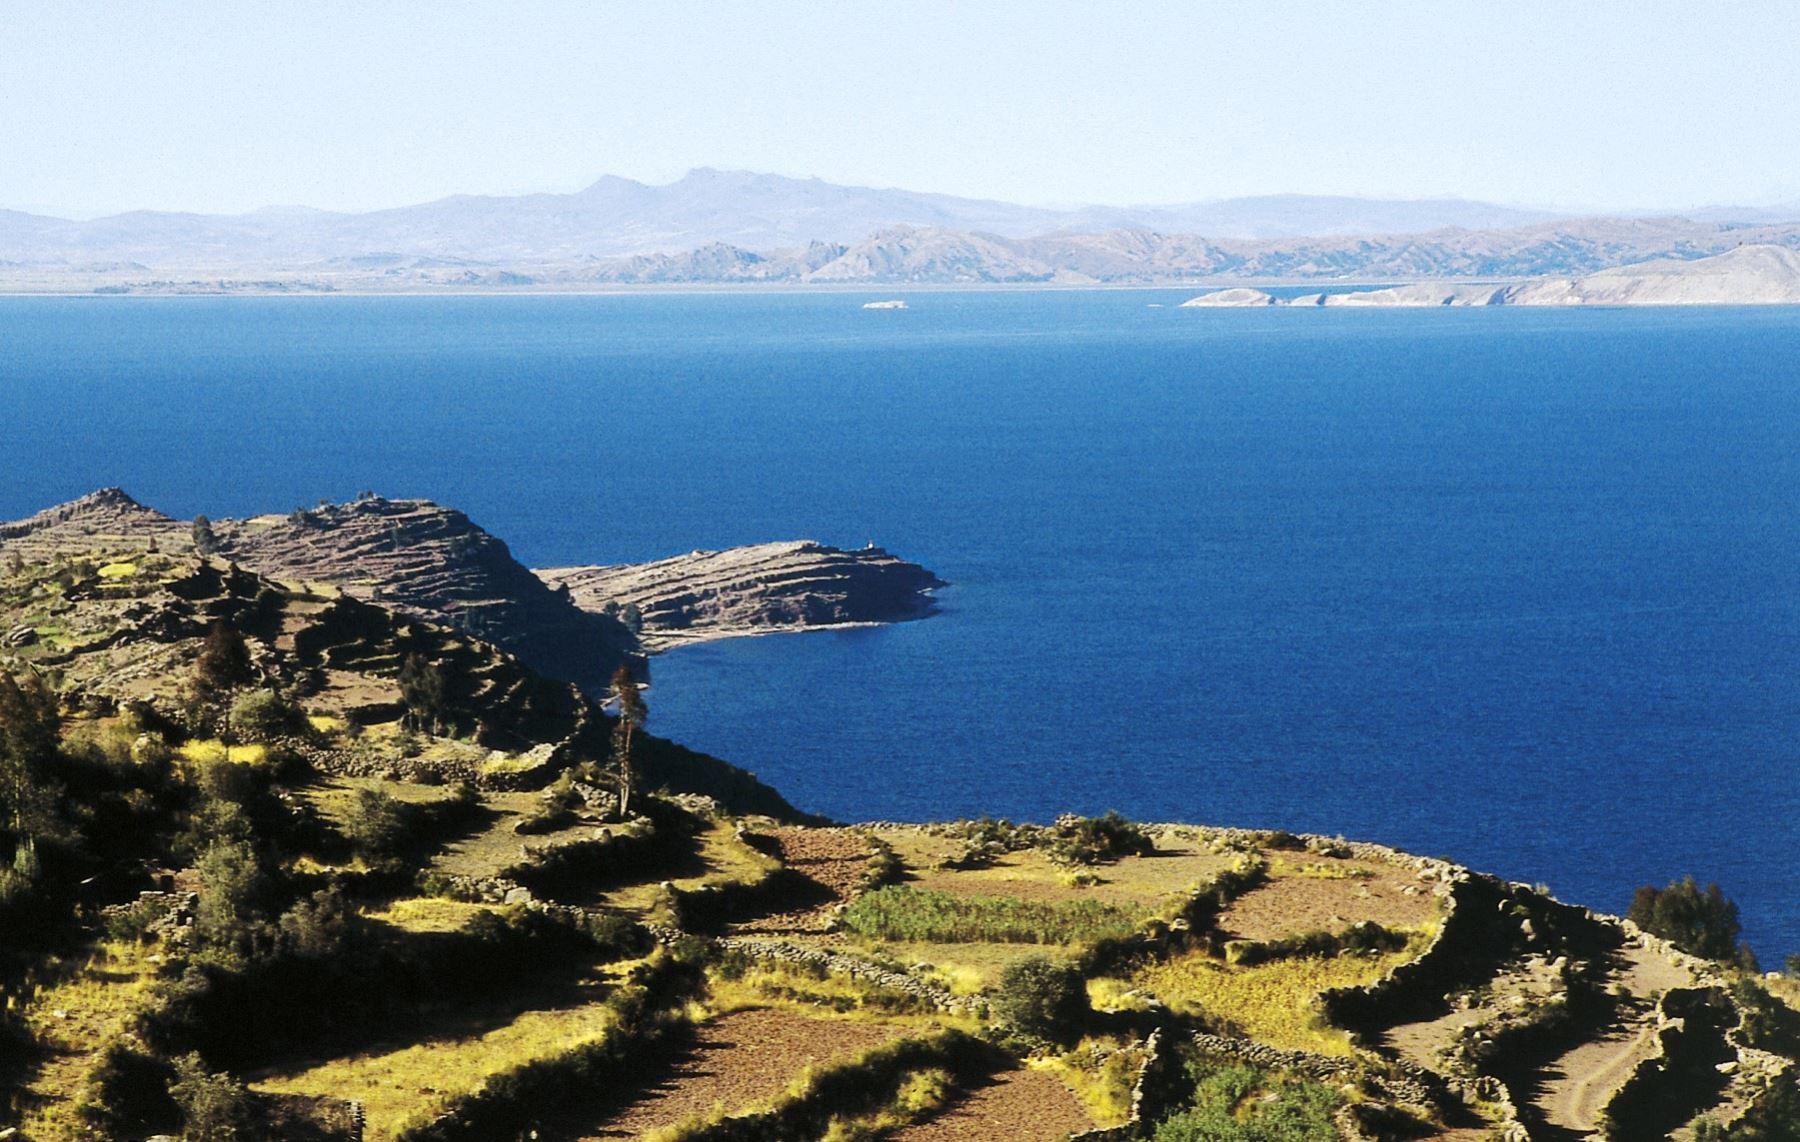 Una hermosa vista de la isla Taquile y como fondo el lago Titicaca, en Puno. ANDINA/archivo